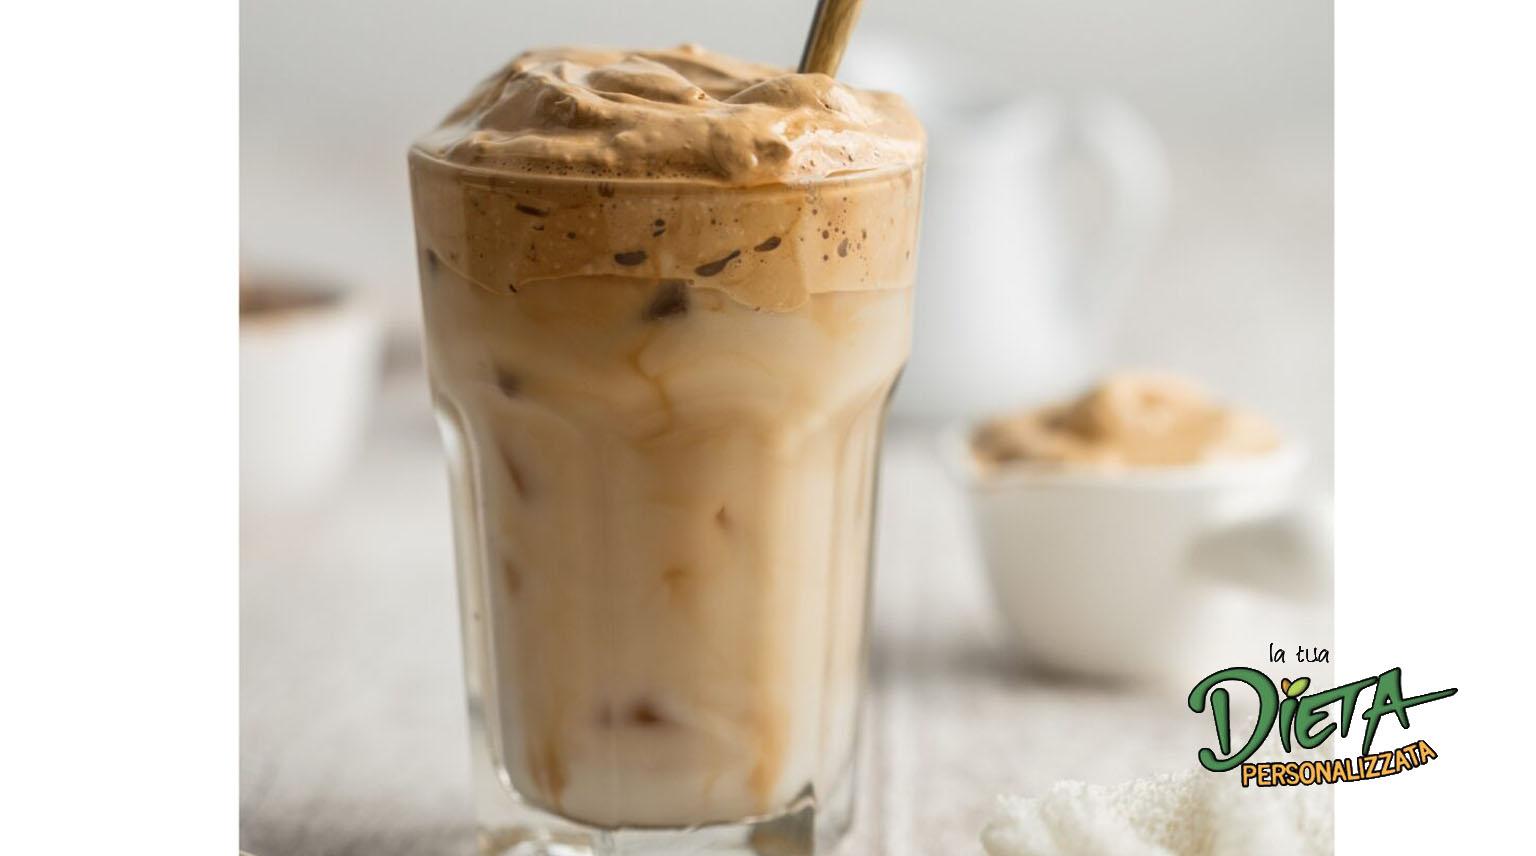 Spuma di caffè istantanea